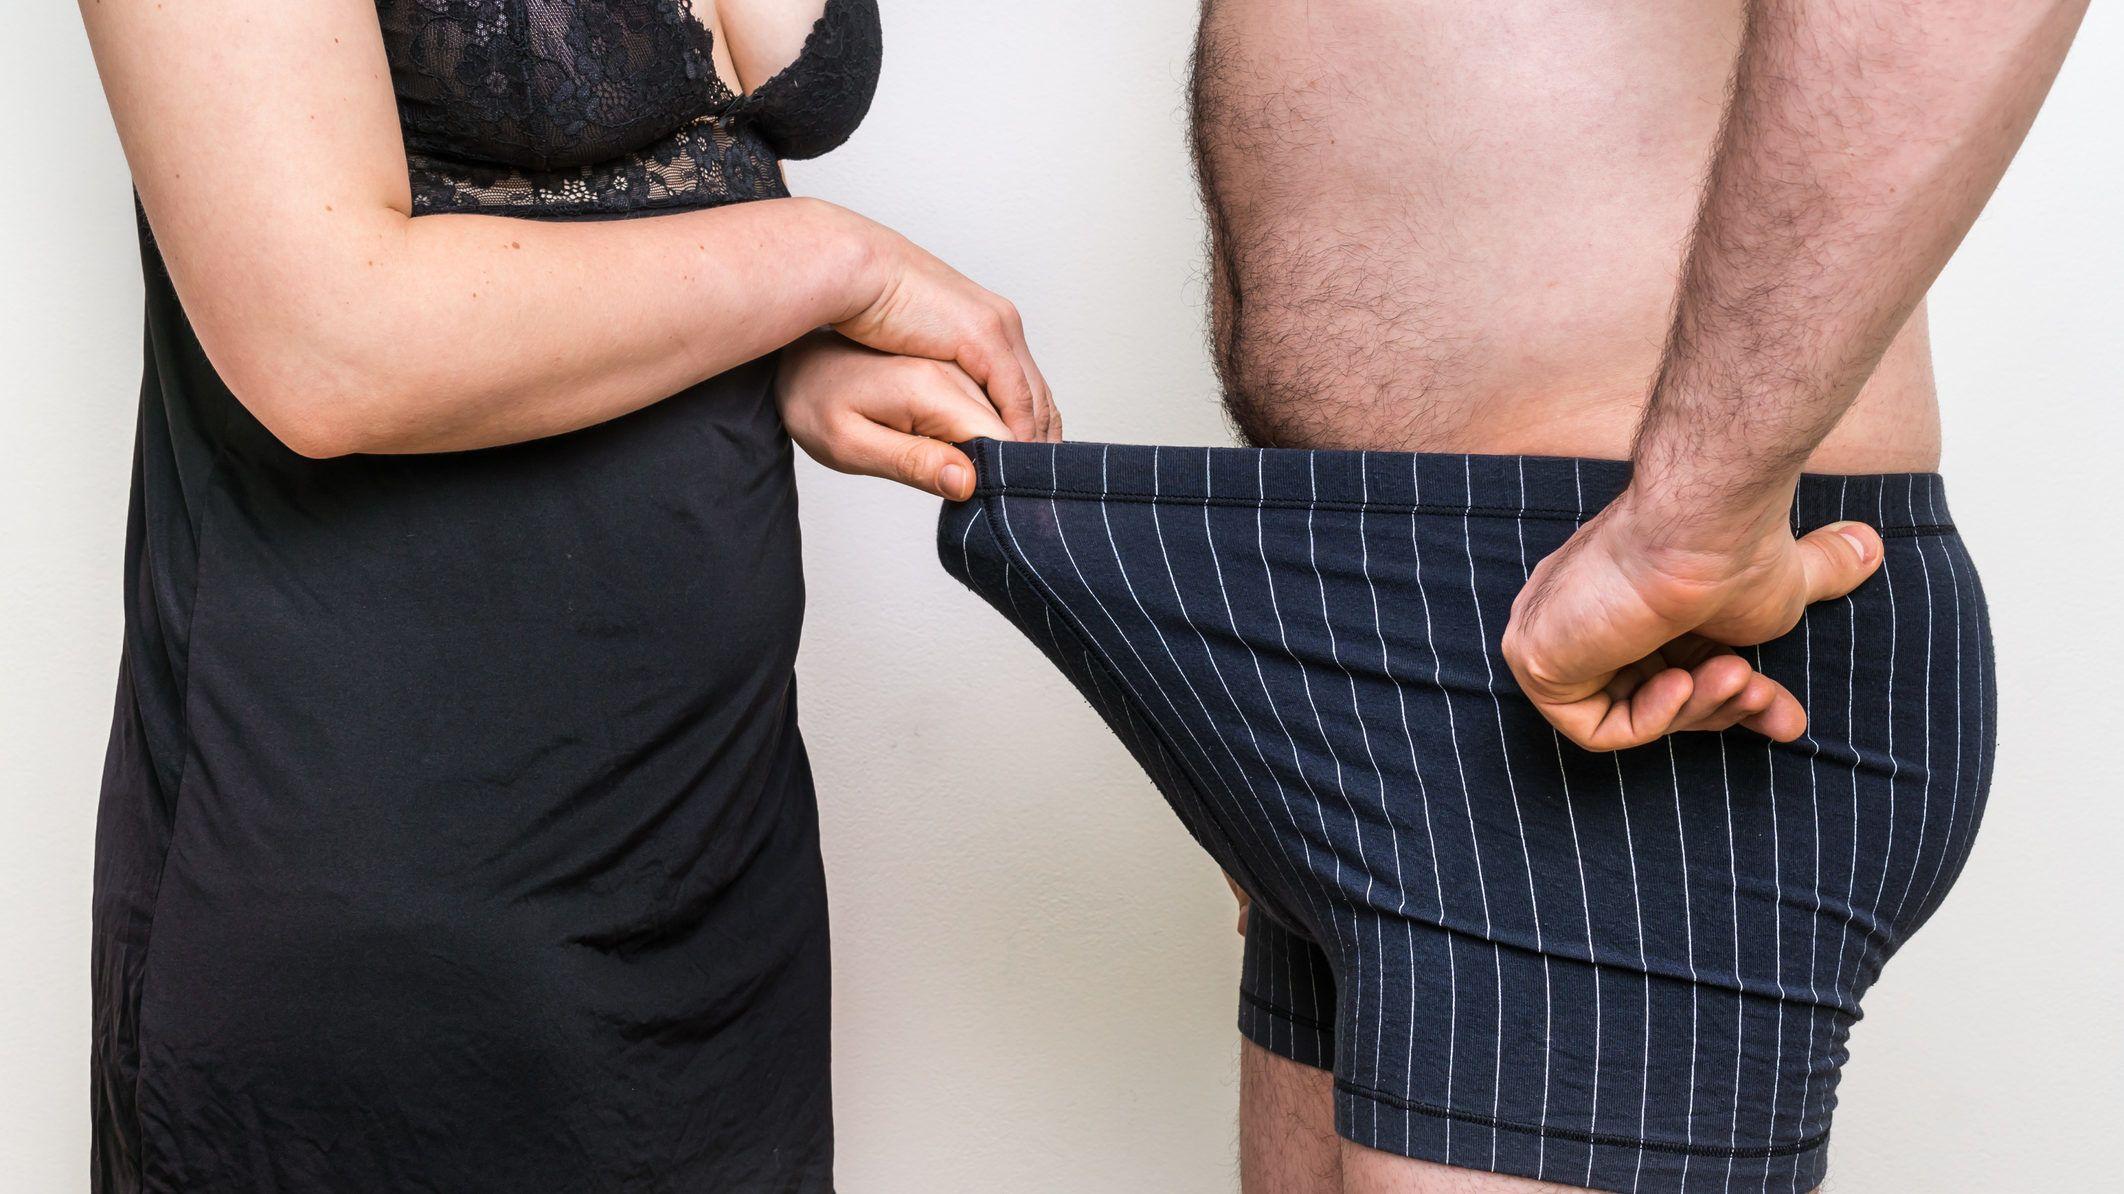 pénisz mennyi az átlagos méret